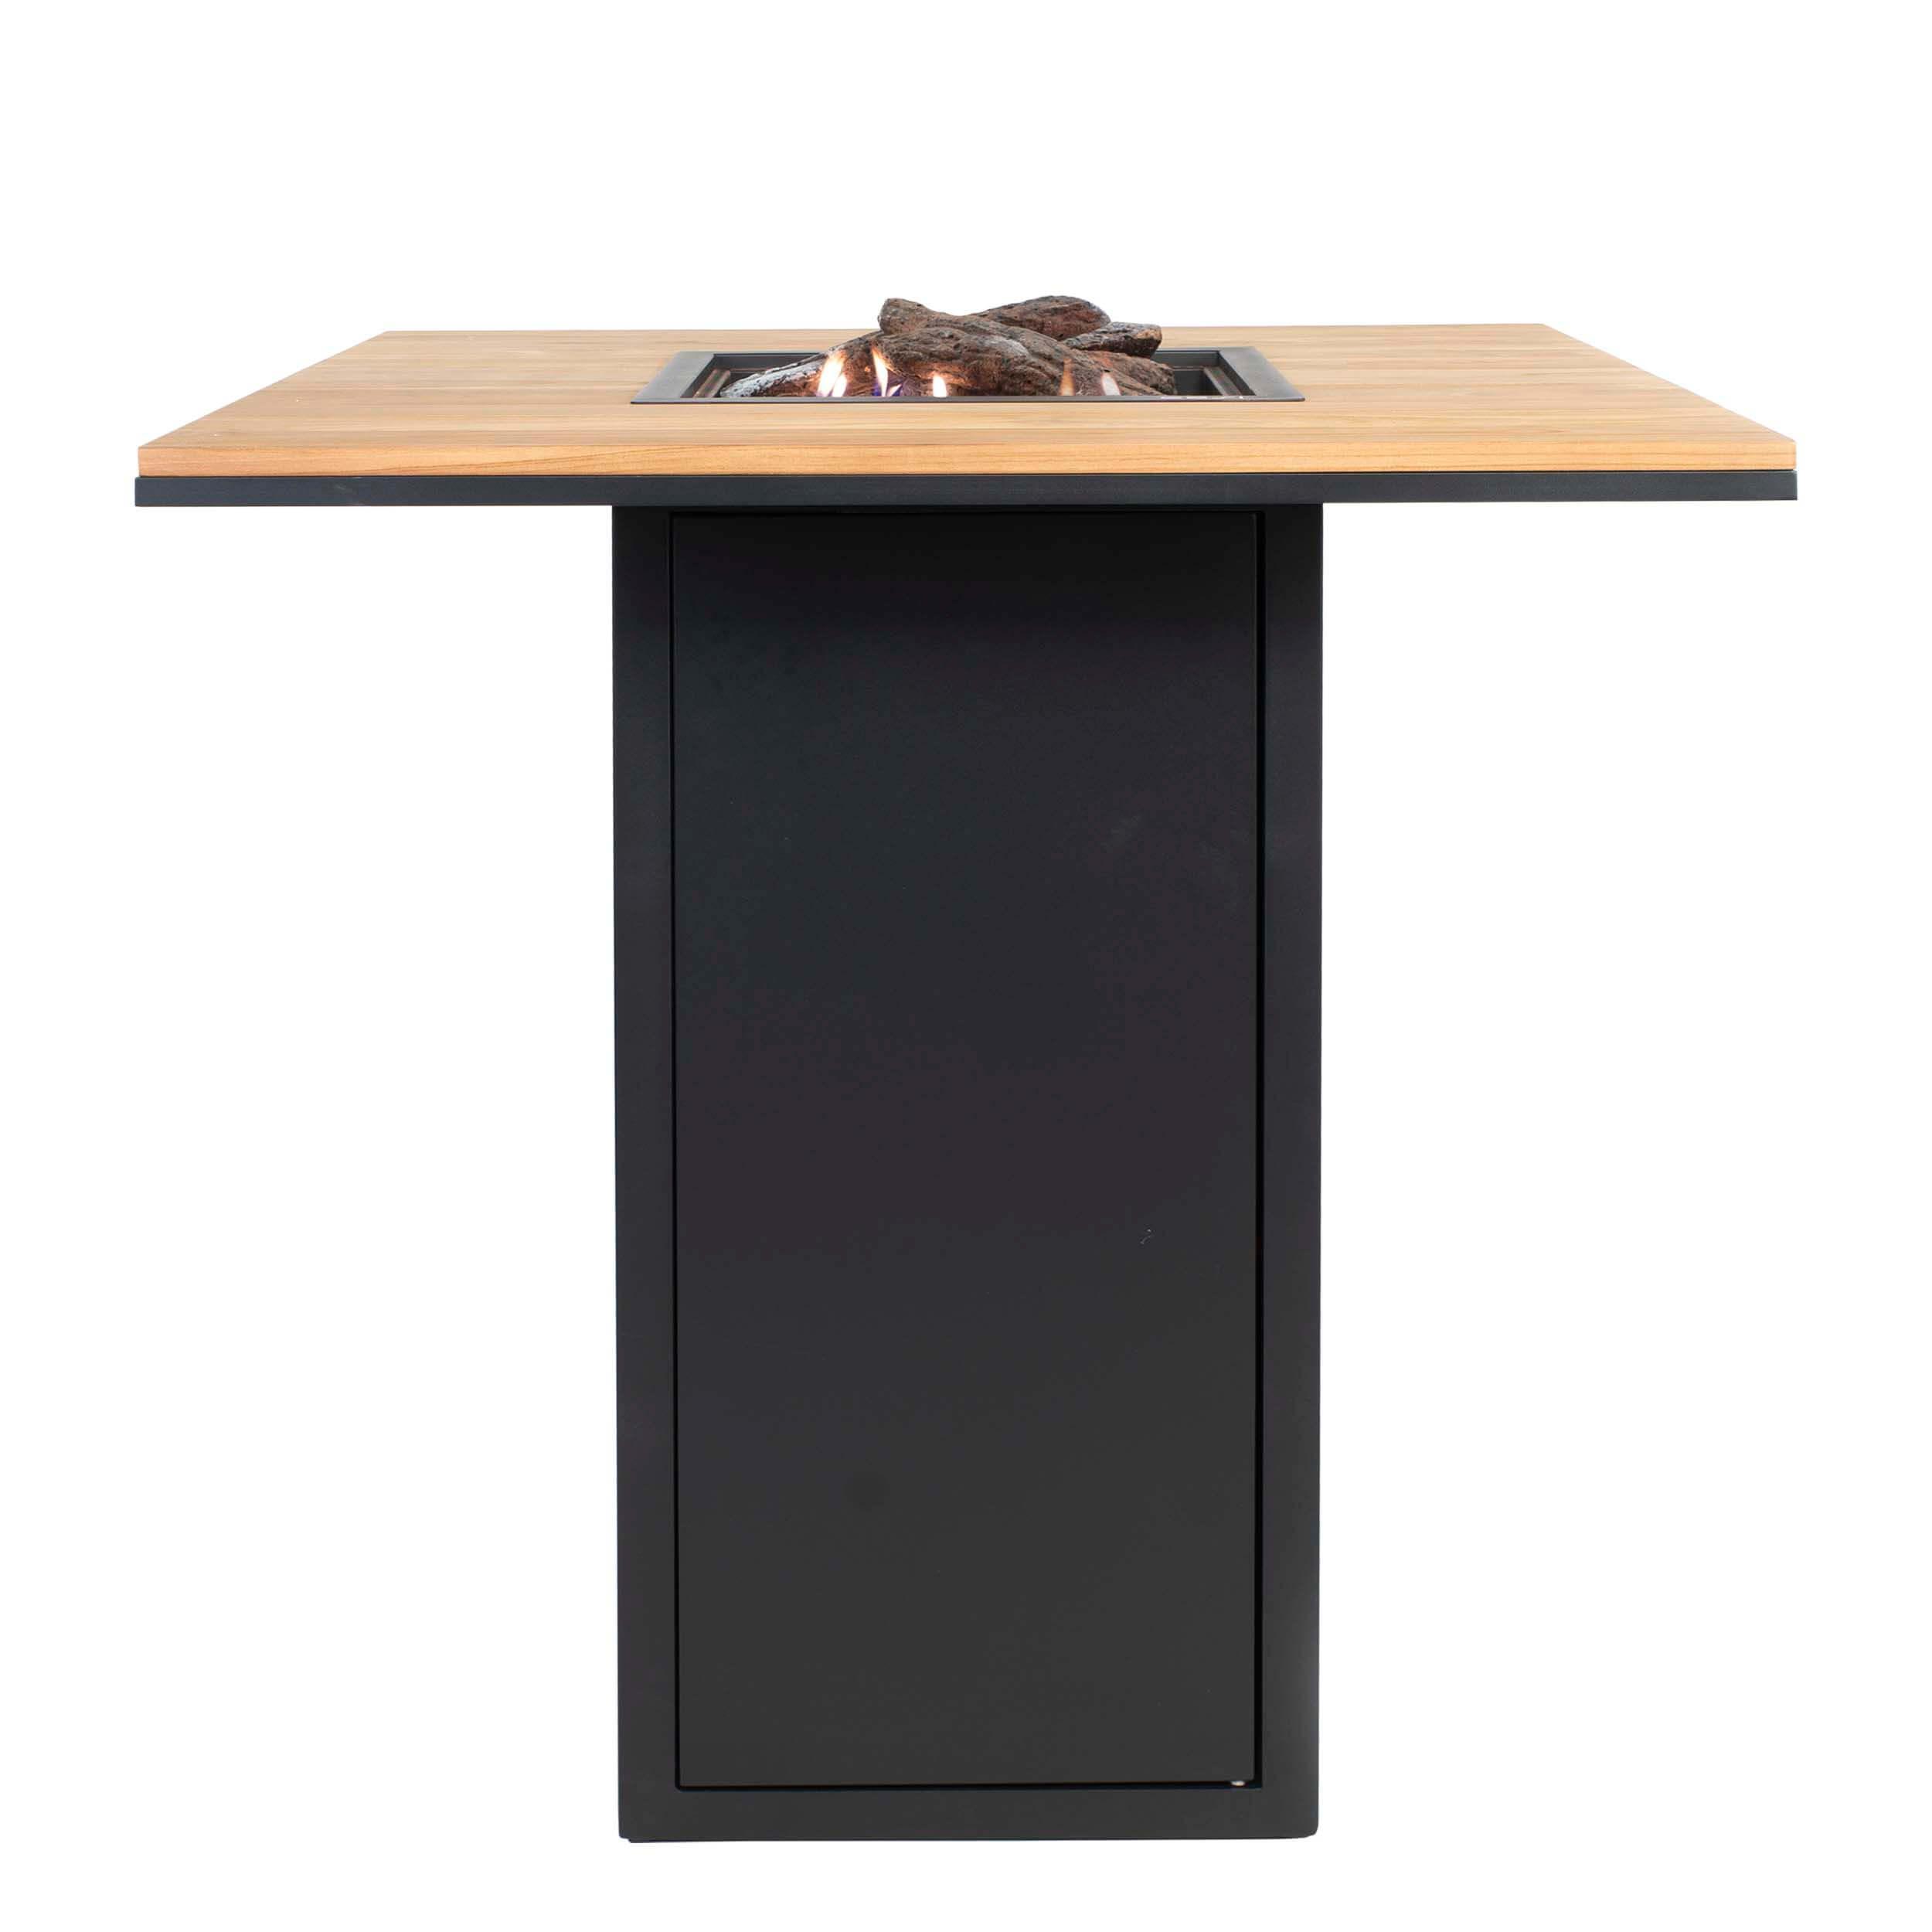 Cosiloft 100 Bar Table Sort-Teak